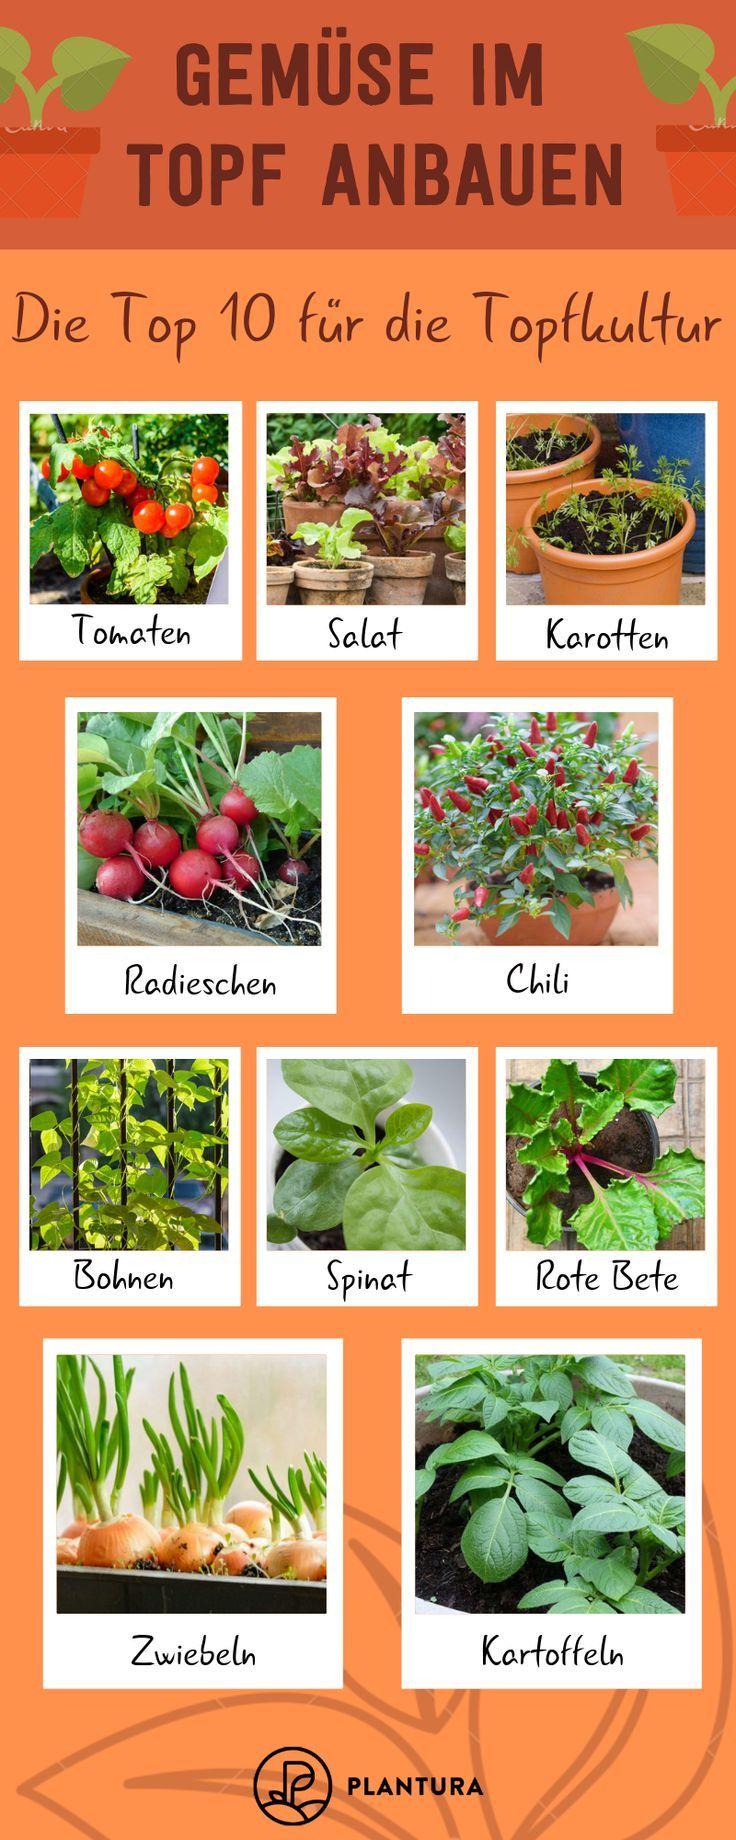 Gemüse im Topf anbauen: Die 10 besten Sorten für die Topfkultur